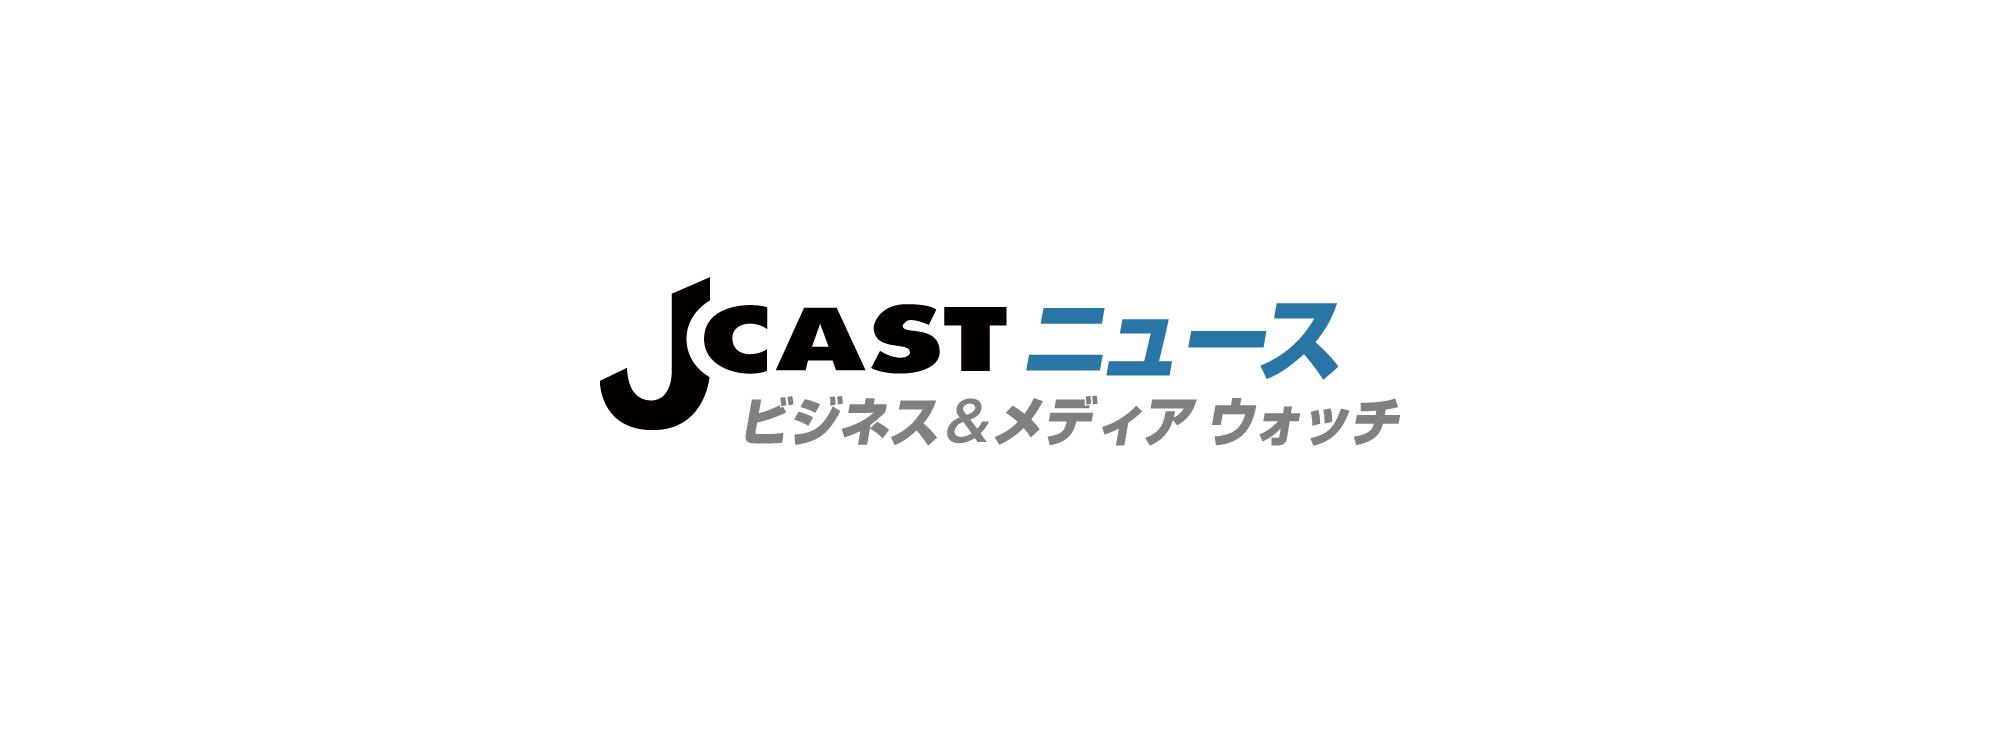 全文表示 | 「あっかん、アベー!」と全国ツアーで政権批判? 沢田研二さんに「ジュリーの面影ない」の声 : J-CASTニュース